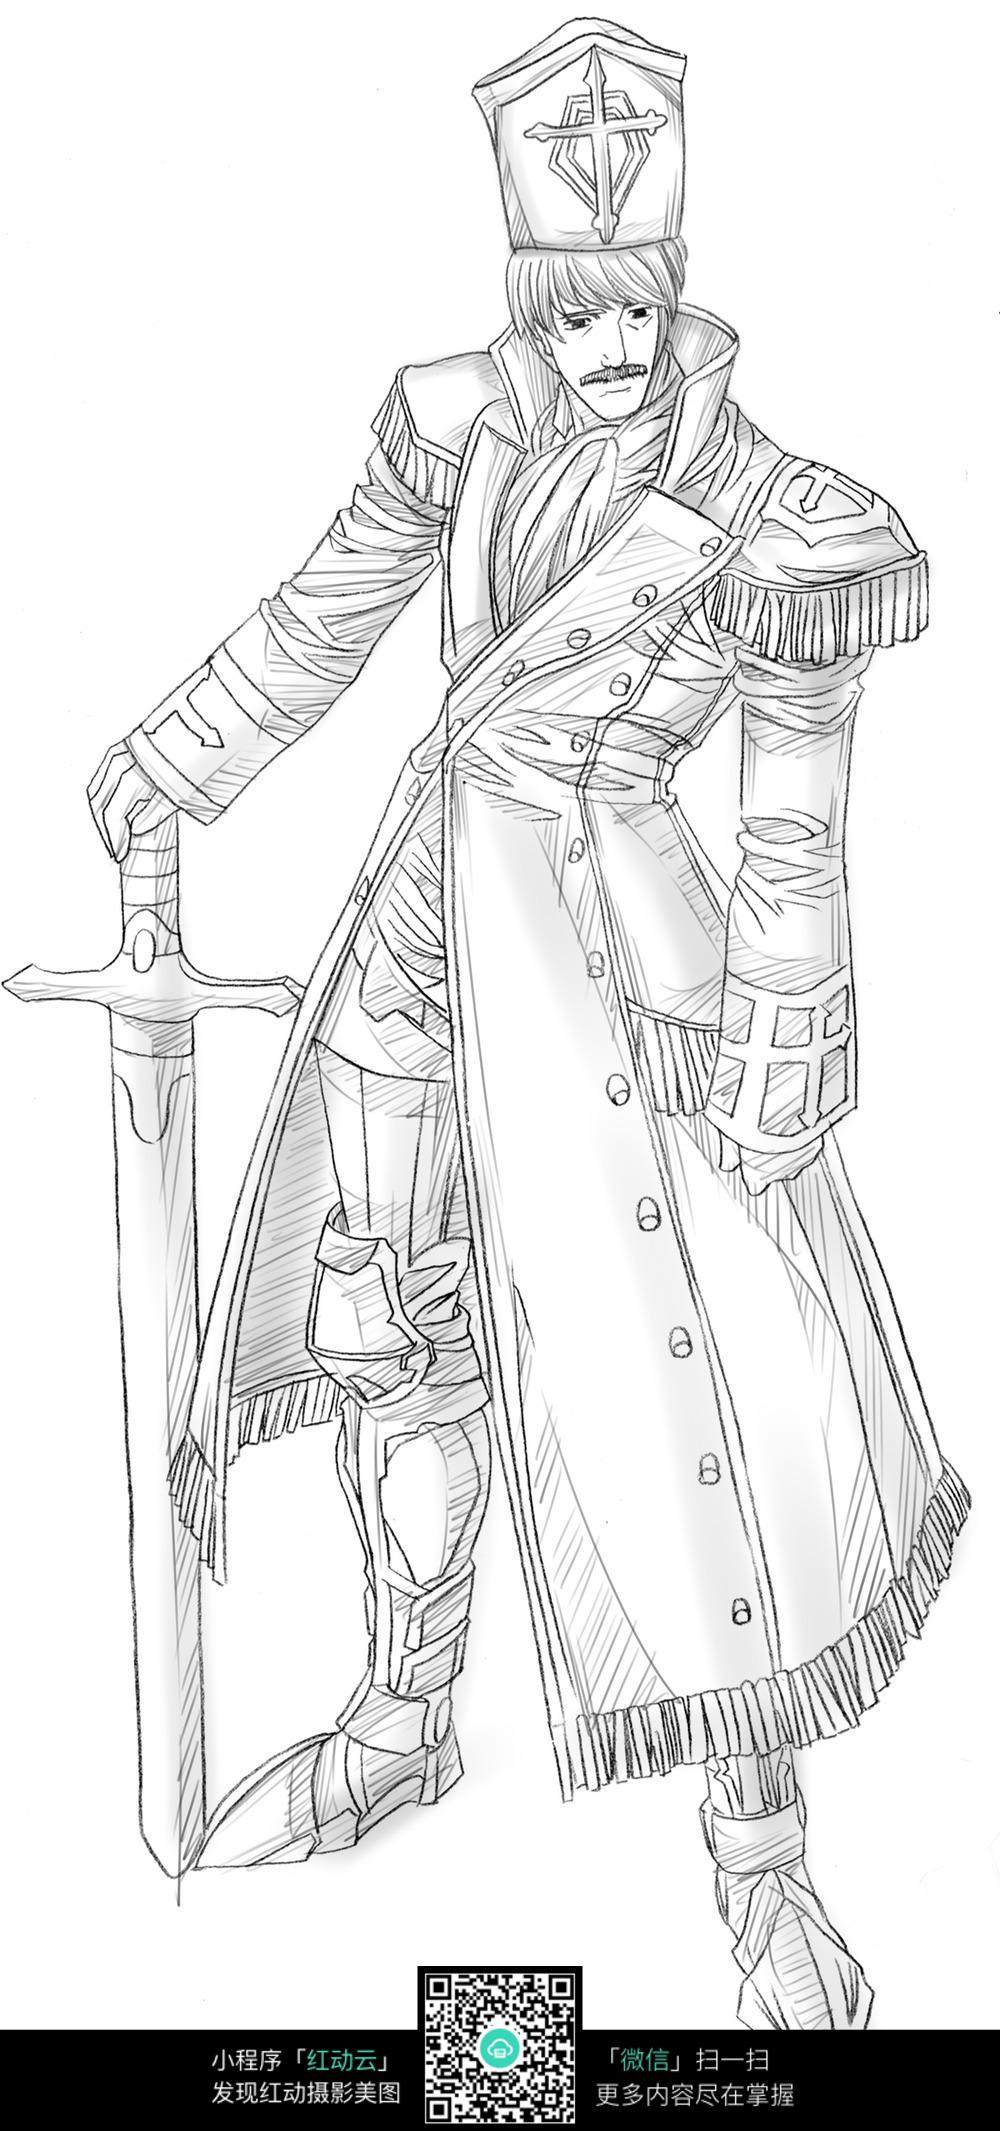 剑和男子卡通手绘线稿